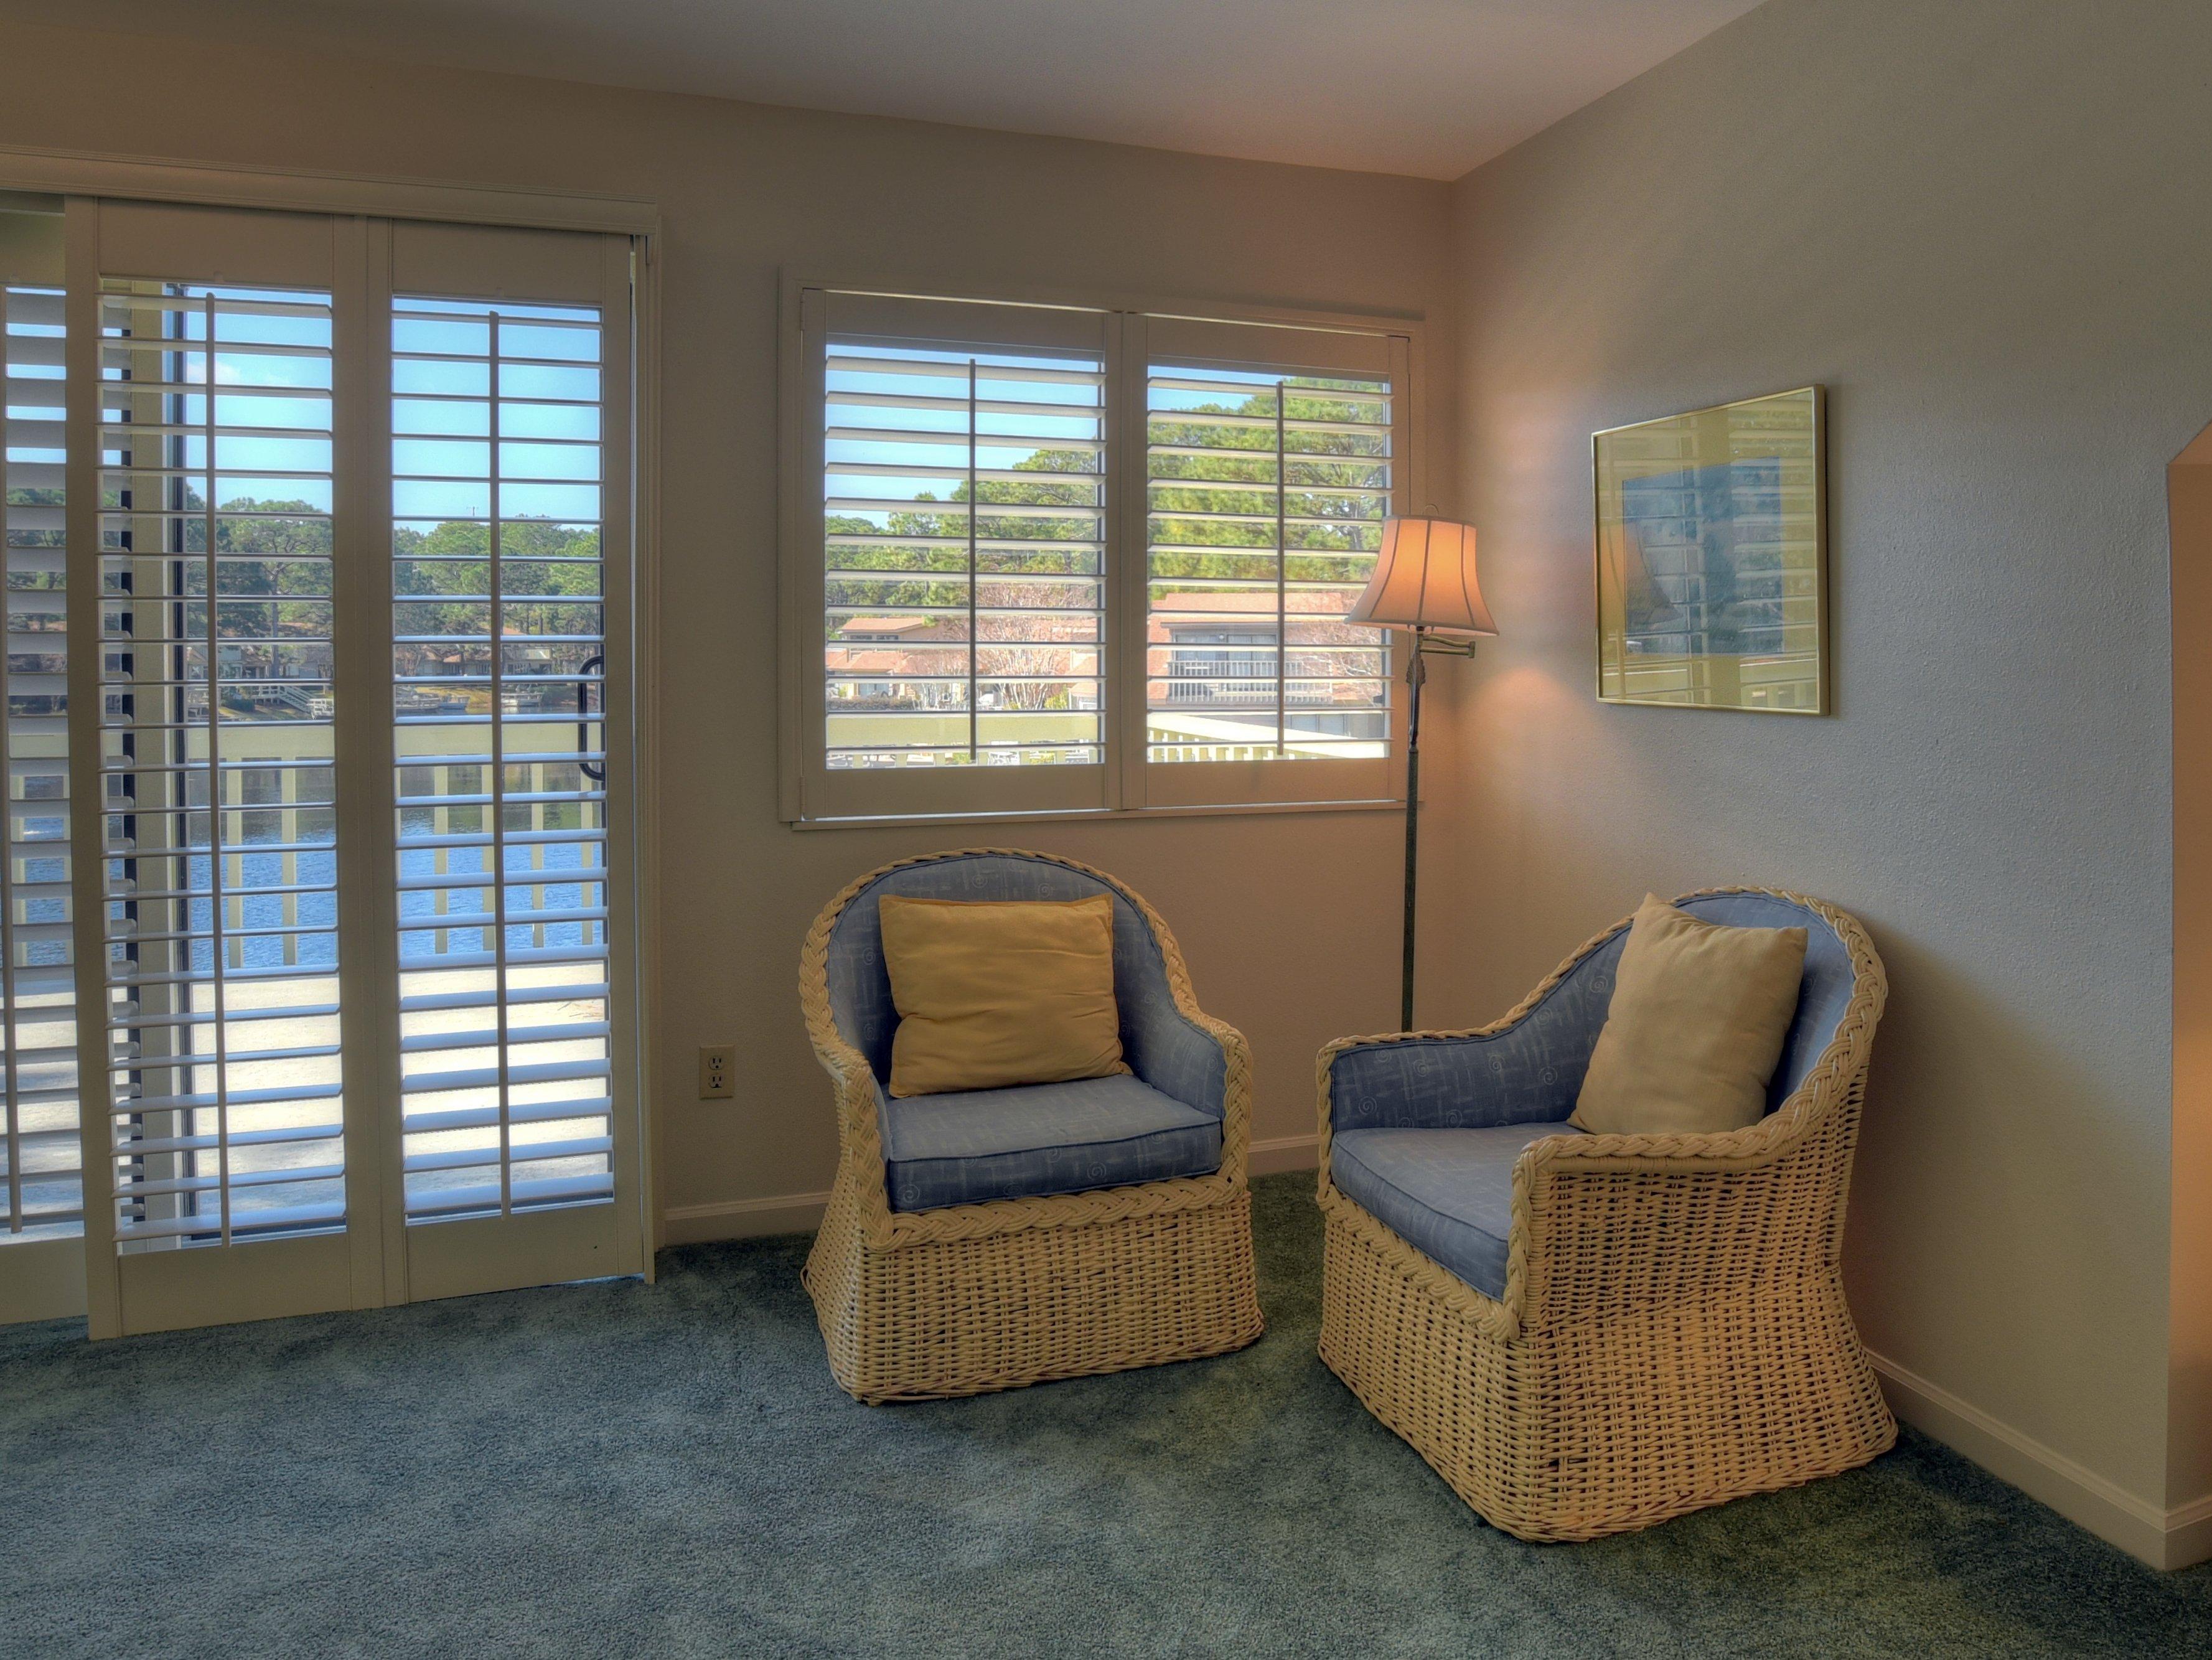 205 Fairways Condo rental in Sandestin Rentals ~ Cottages and Villas  in Destin Florida - #17